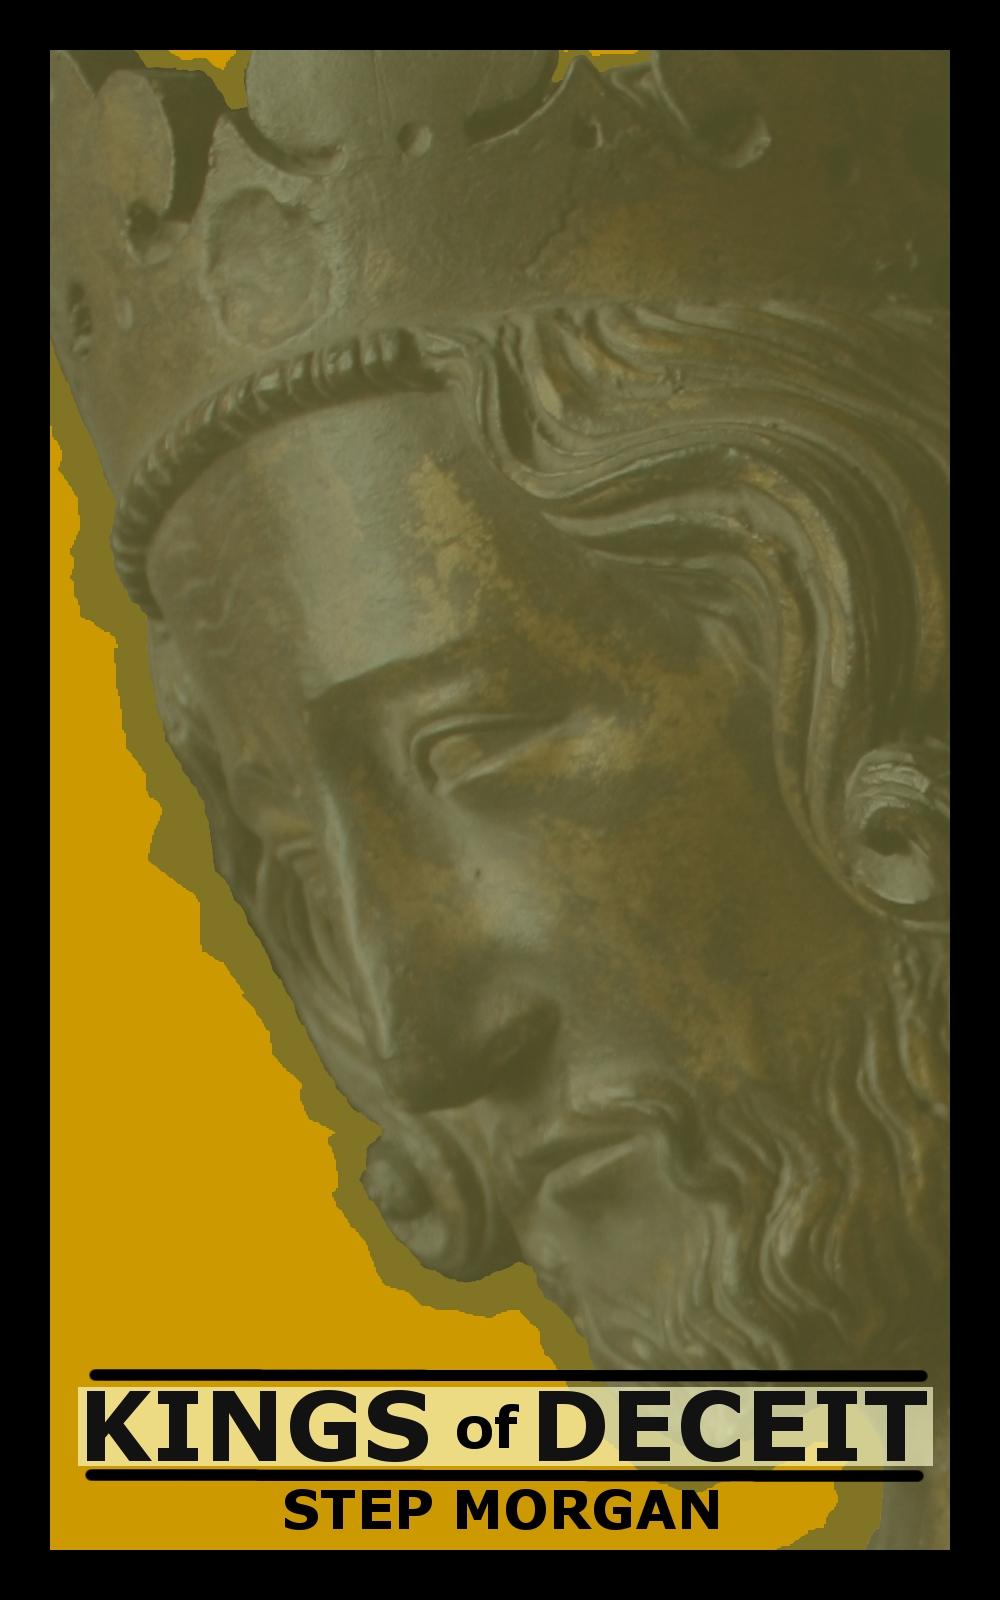 Kings of Deceit ebook by Step Morgan